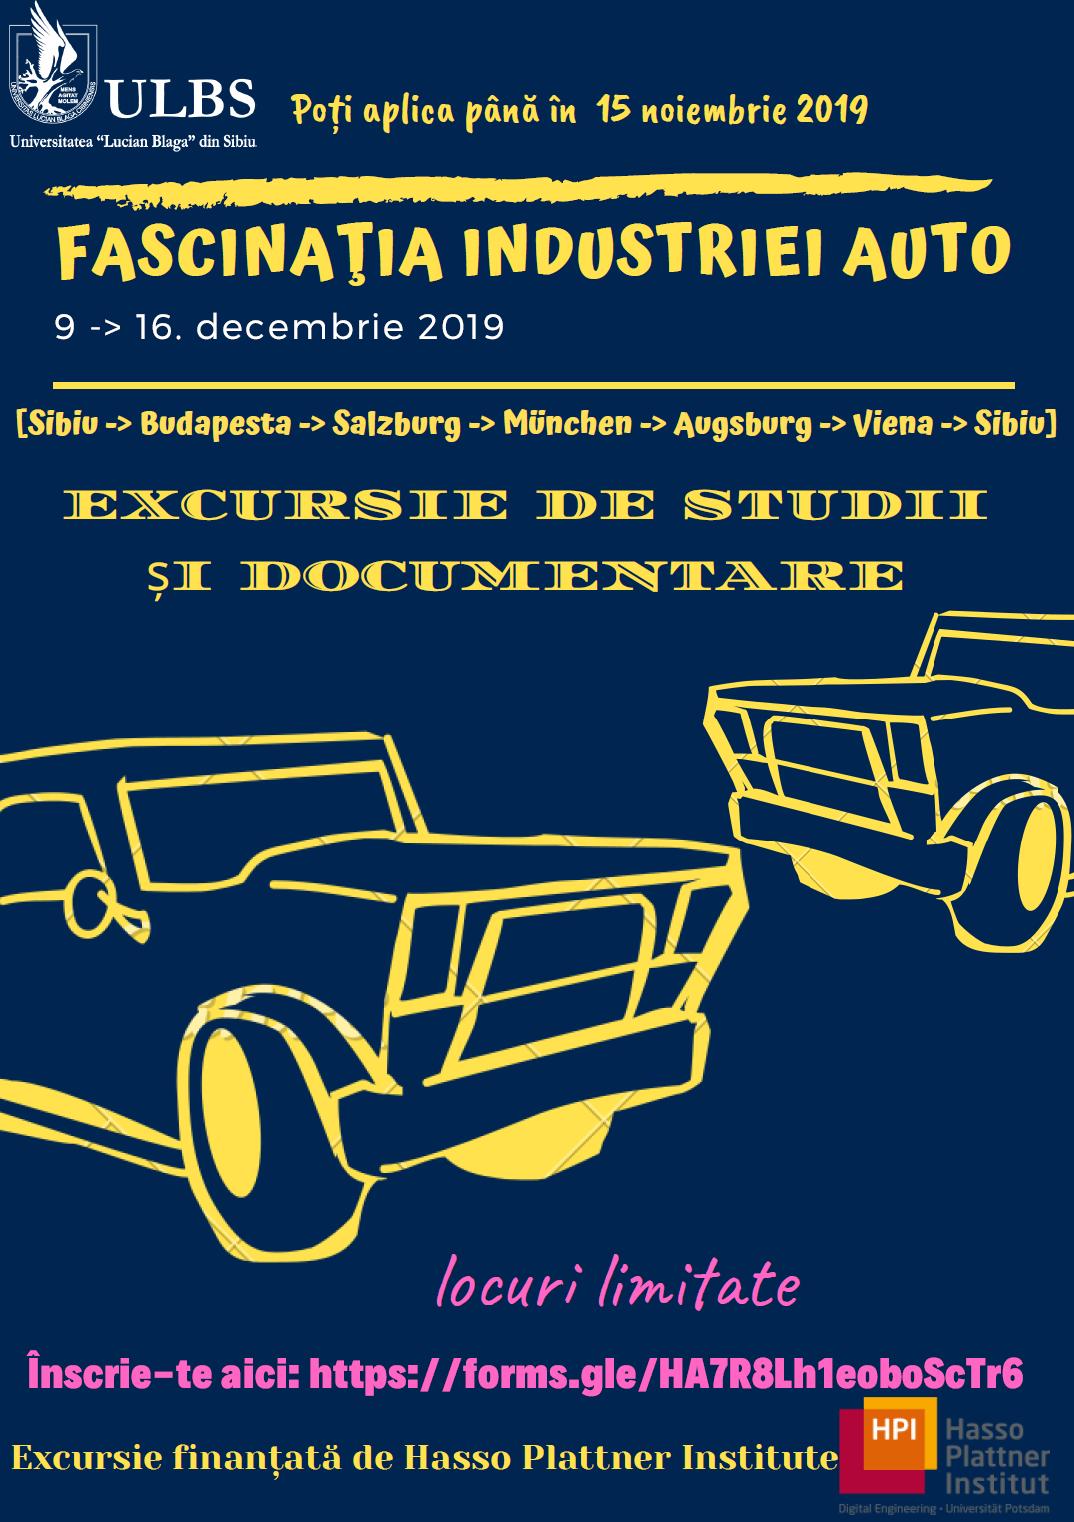 Fascinaţia Industriei Auto – Excursie De Studii și Documentare